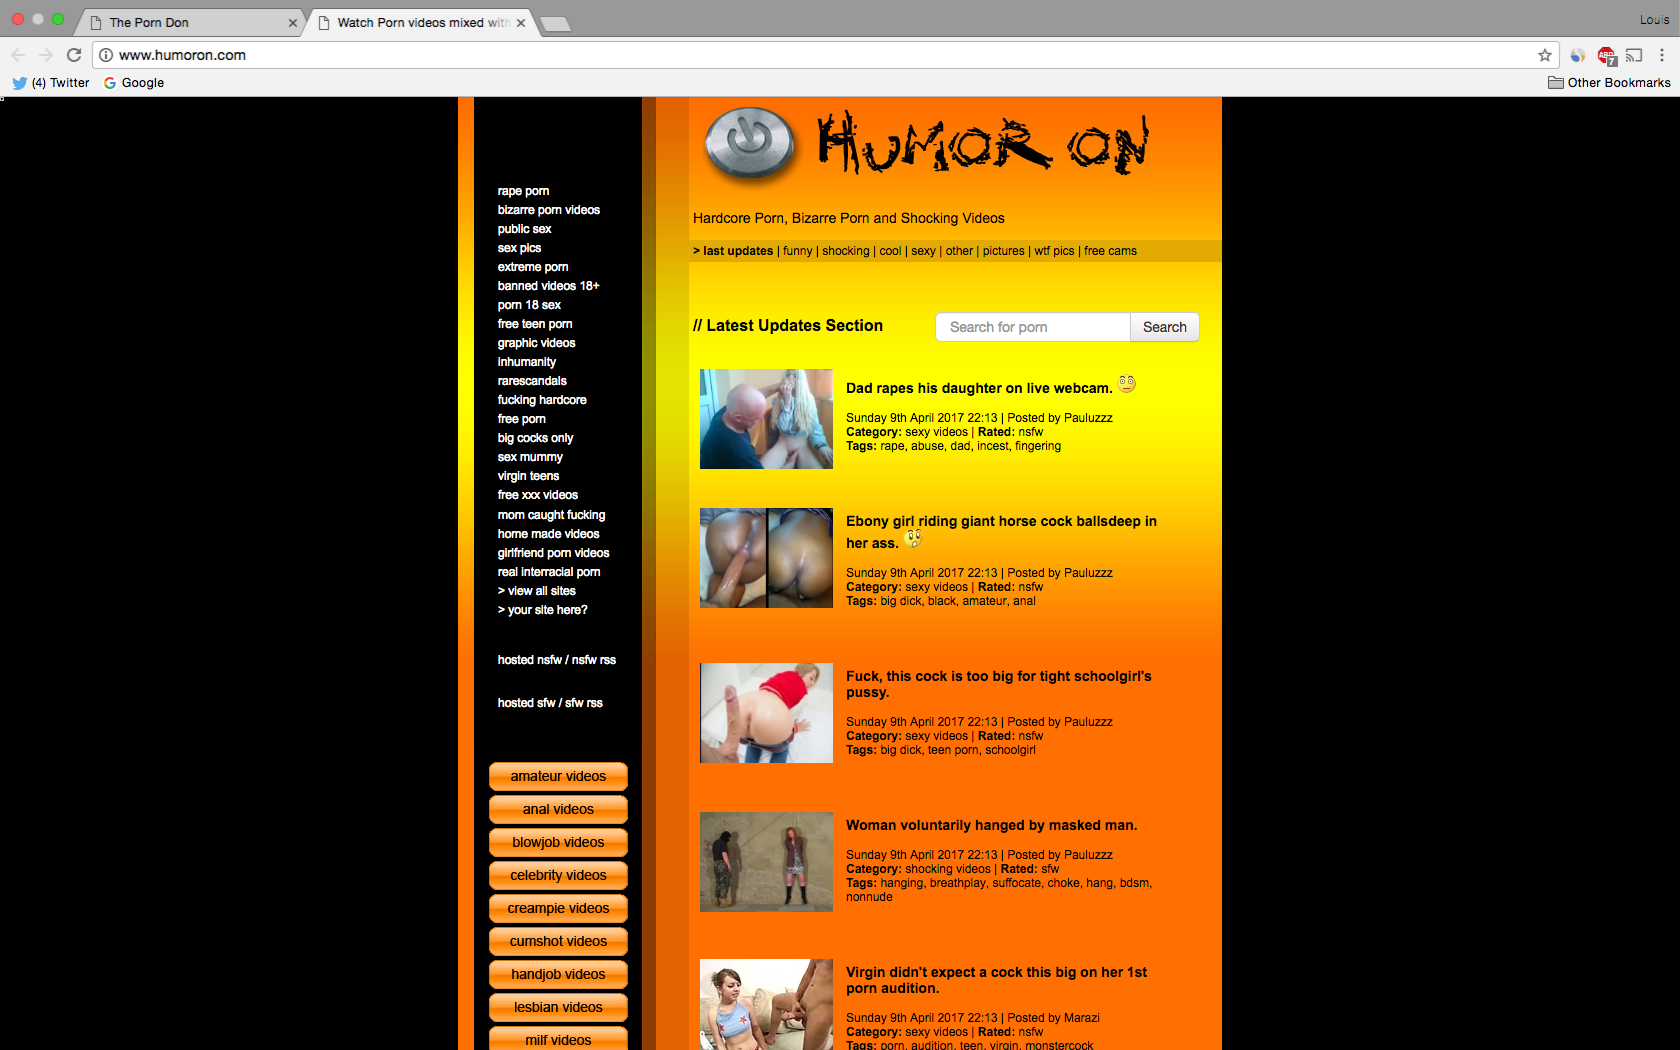 Humoron